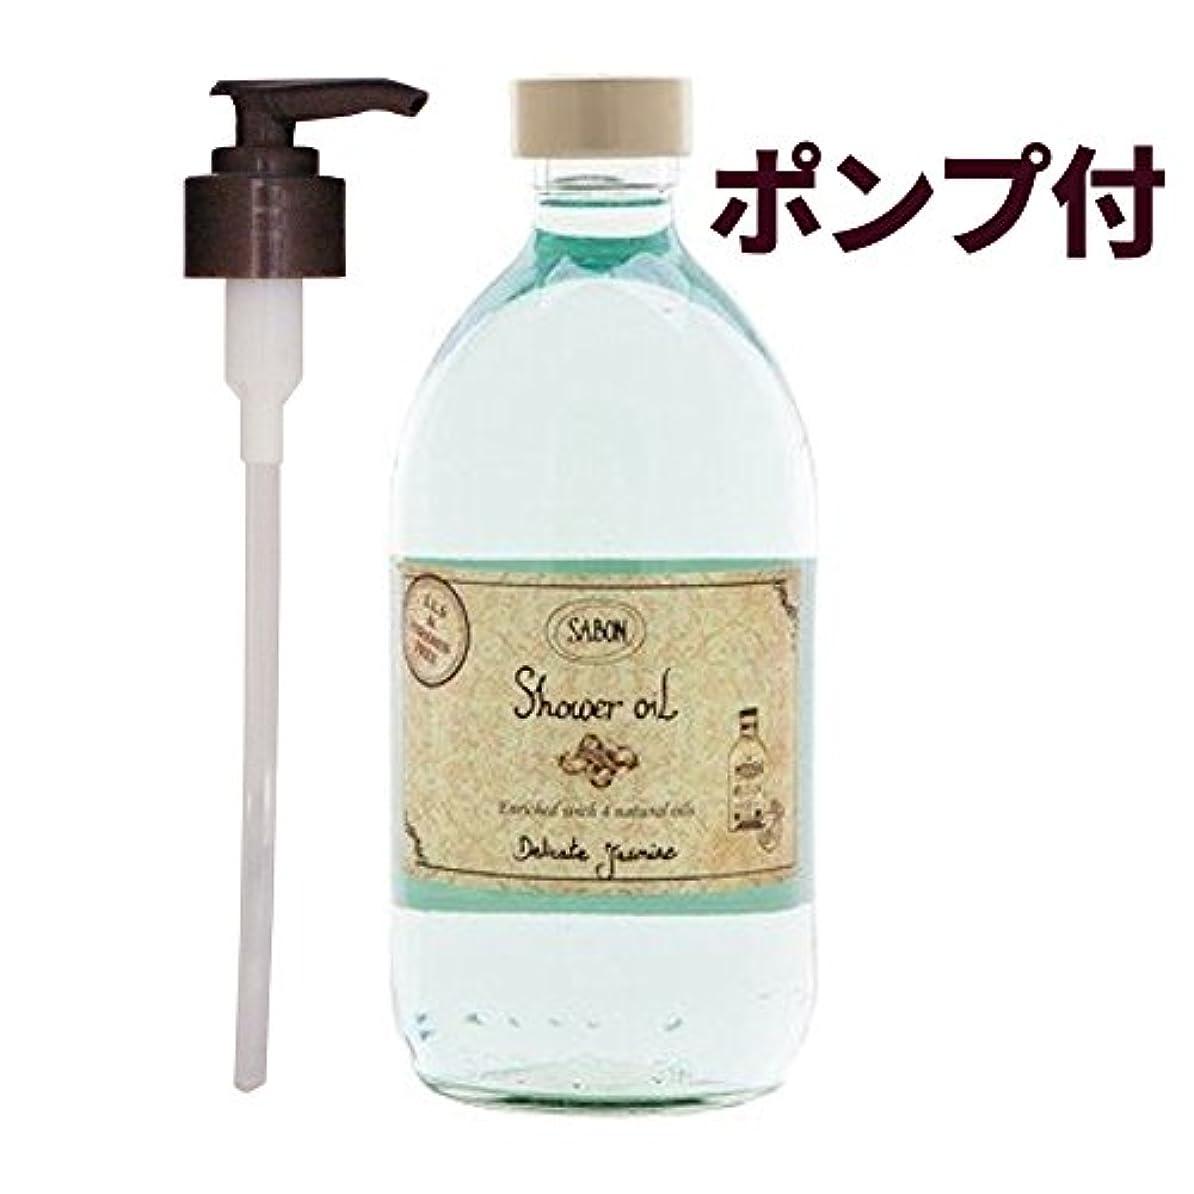 台無しに魅力干し草サボン シャワーオイル デリケートジャスミン500ml(並行輸入品)